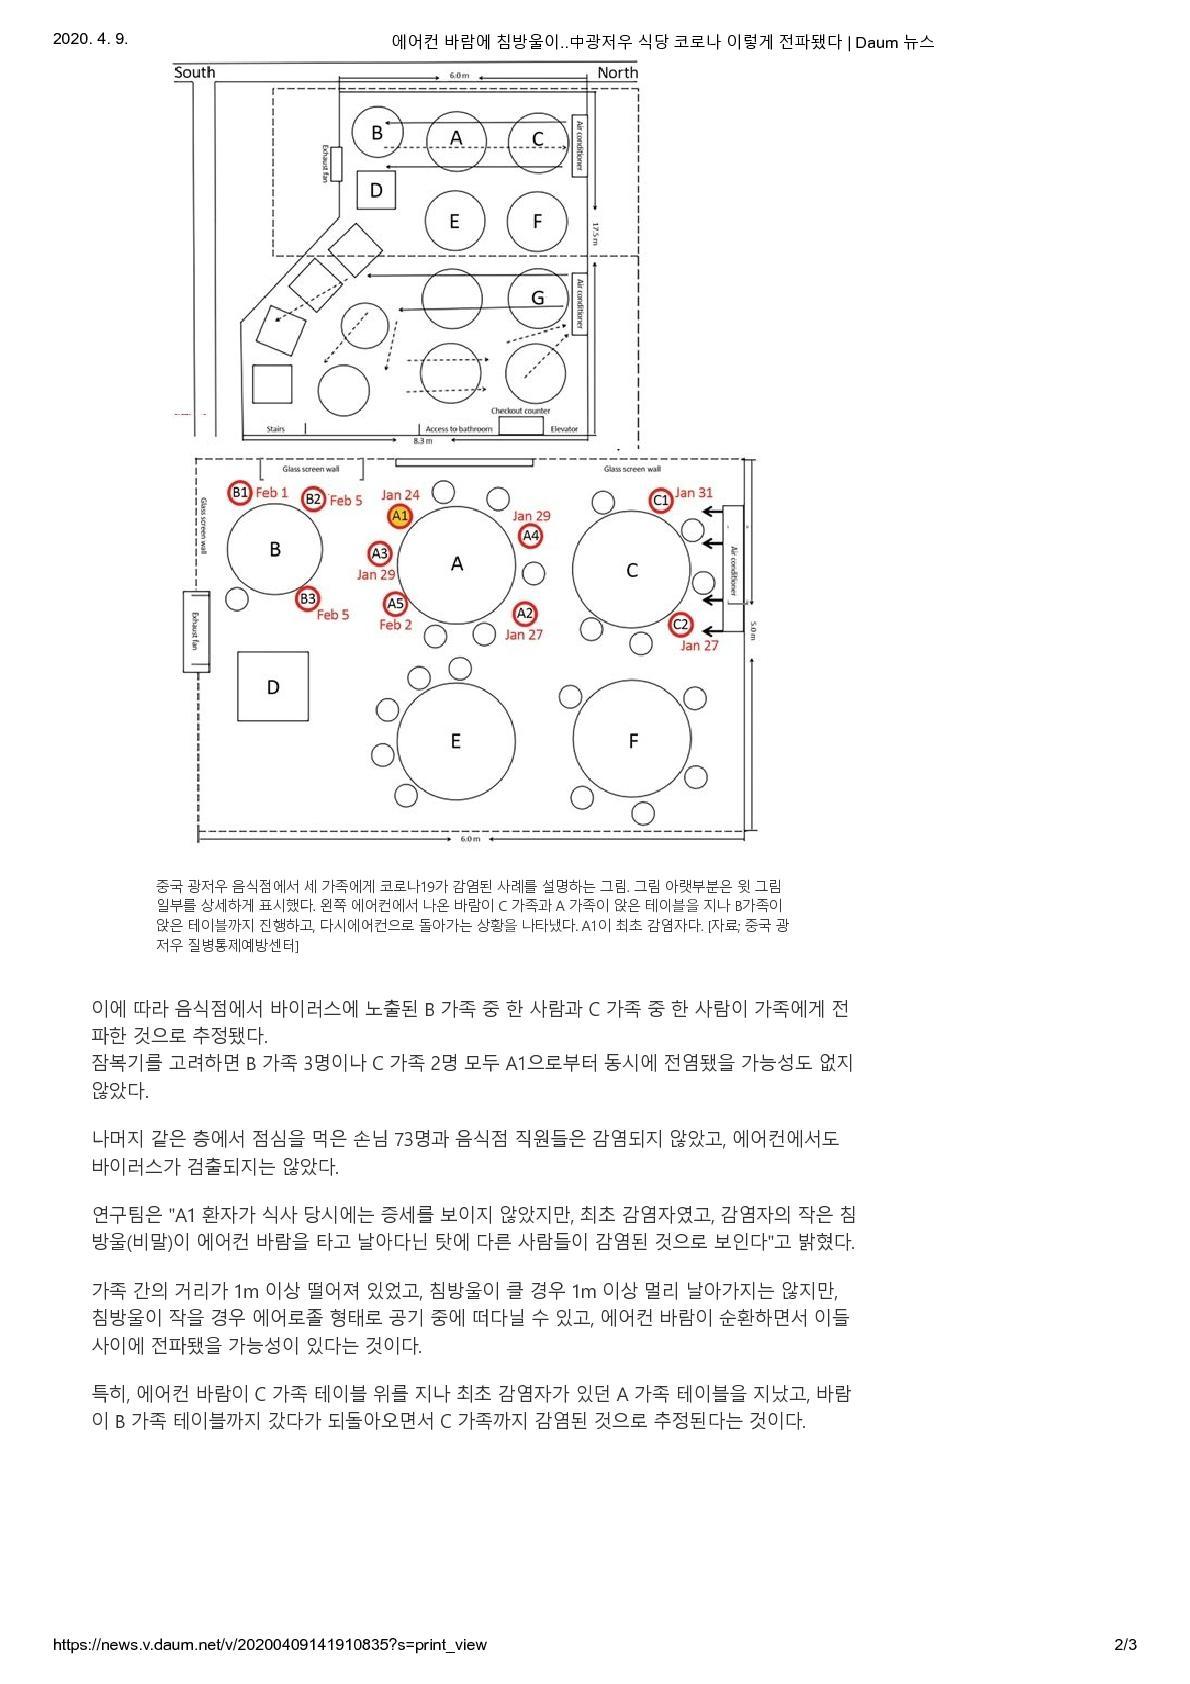 에어컨 바람에 침방울이..中광저우 식당 코로나 이렇게 전파됐다 _ Daum 뉴스_2.jpg